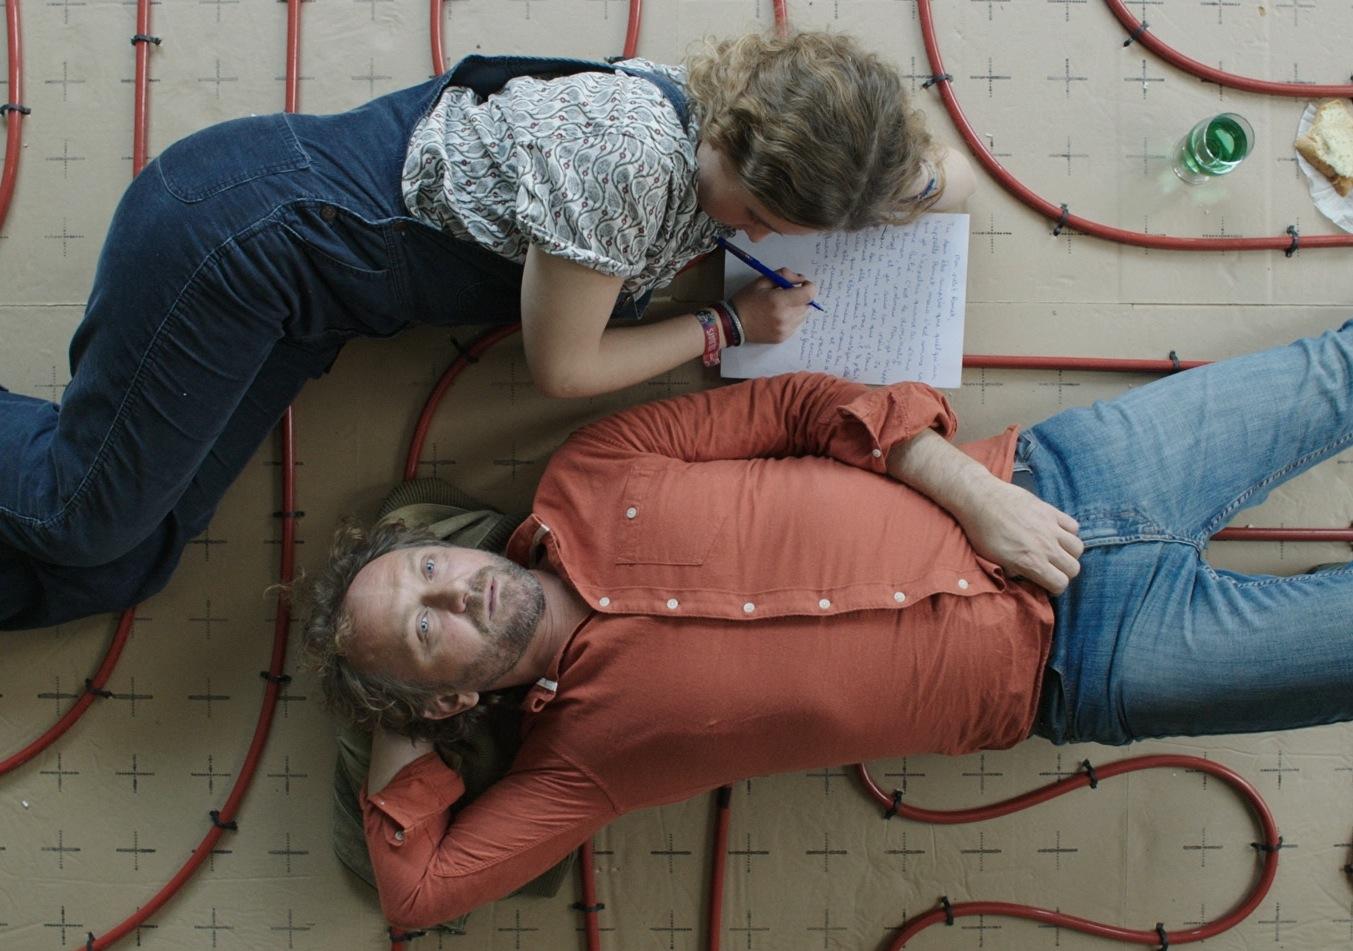 Raging Rose: Andrzej Chyra e Liv Henneguier in una scena del film